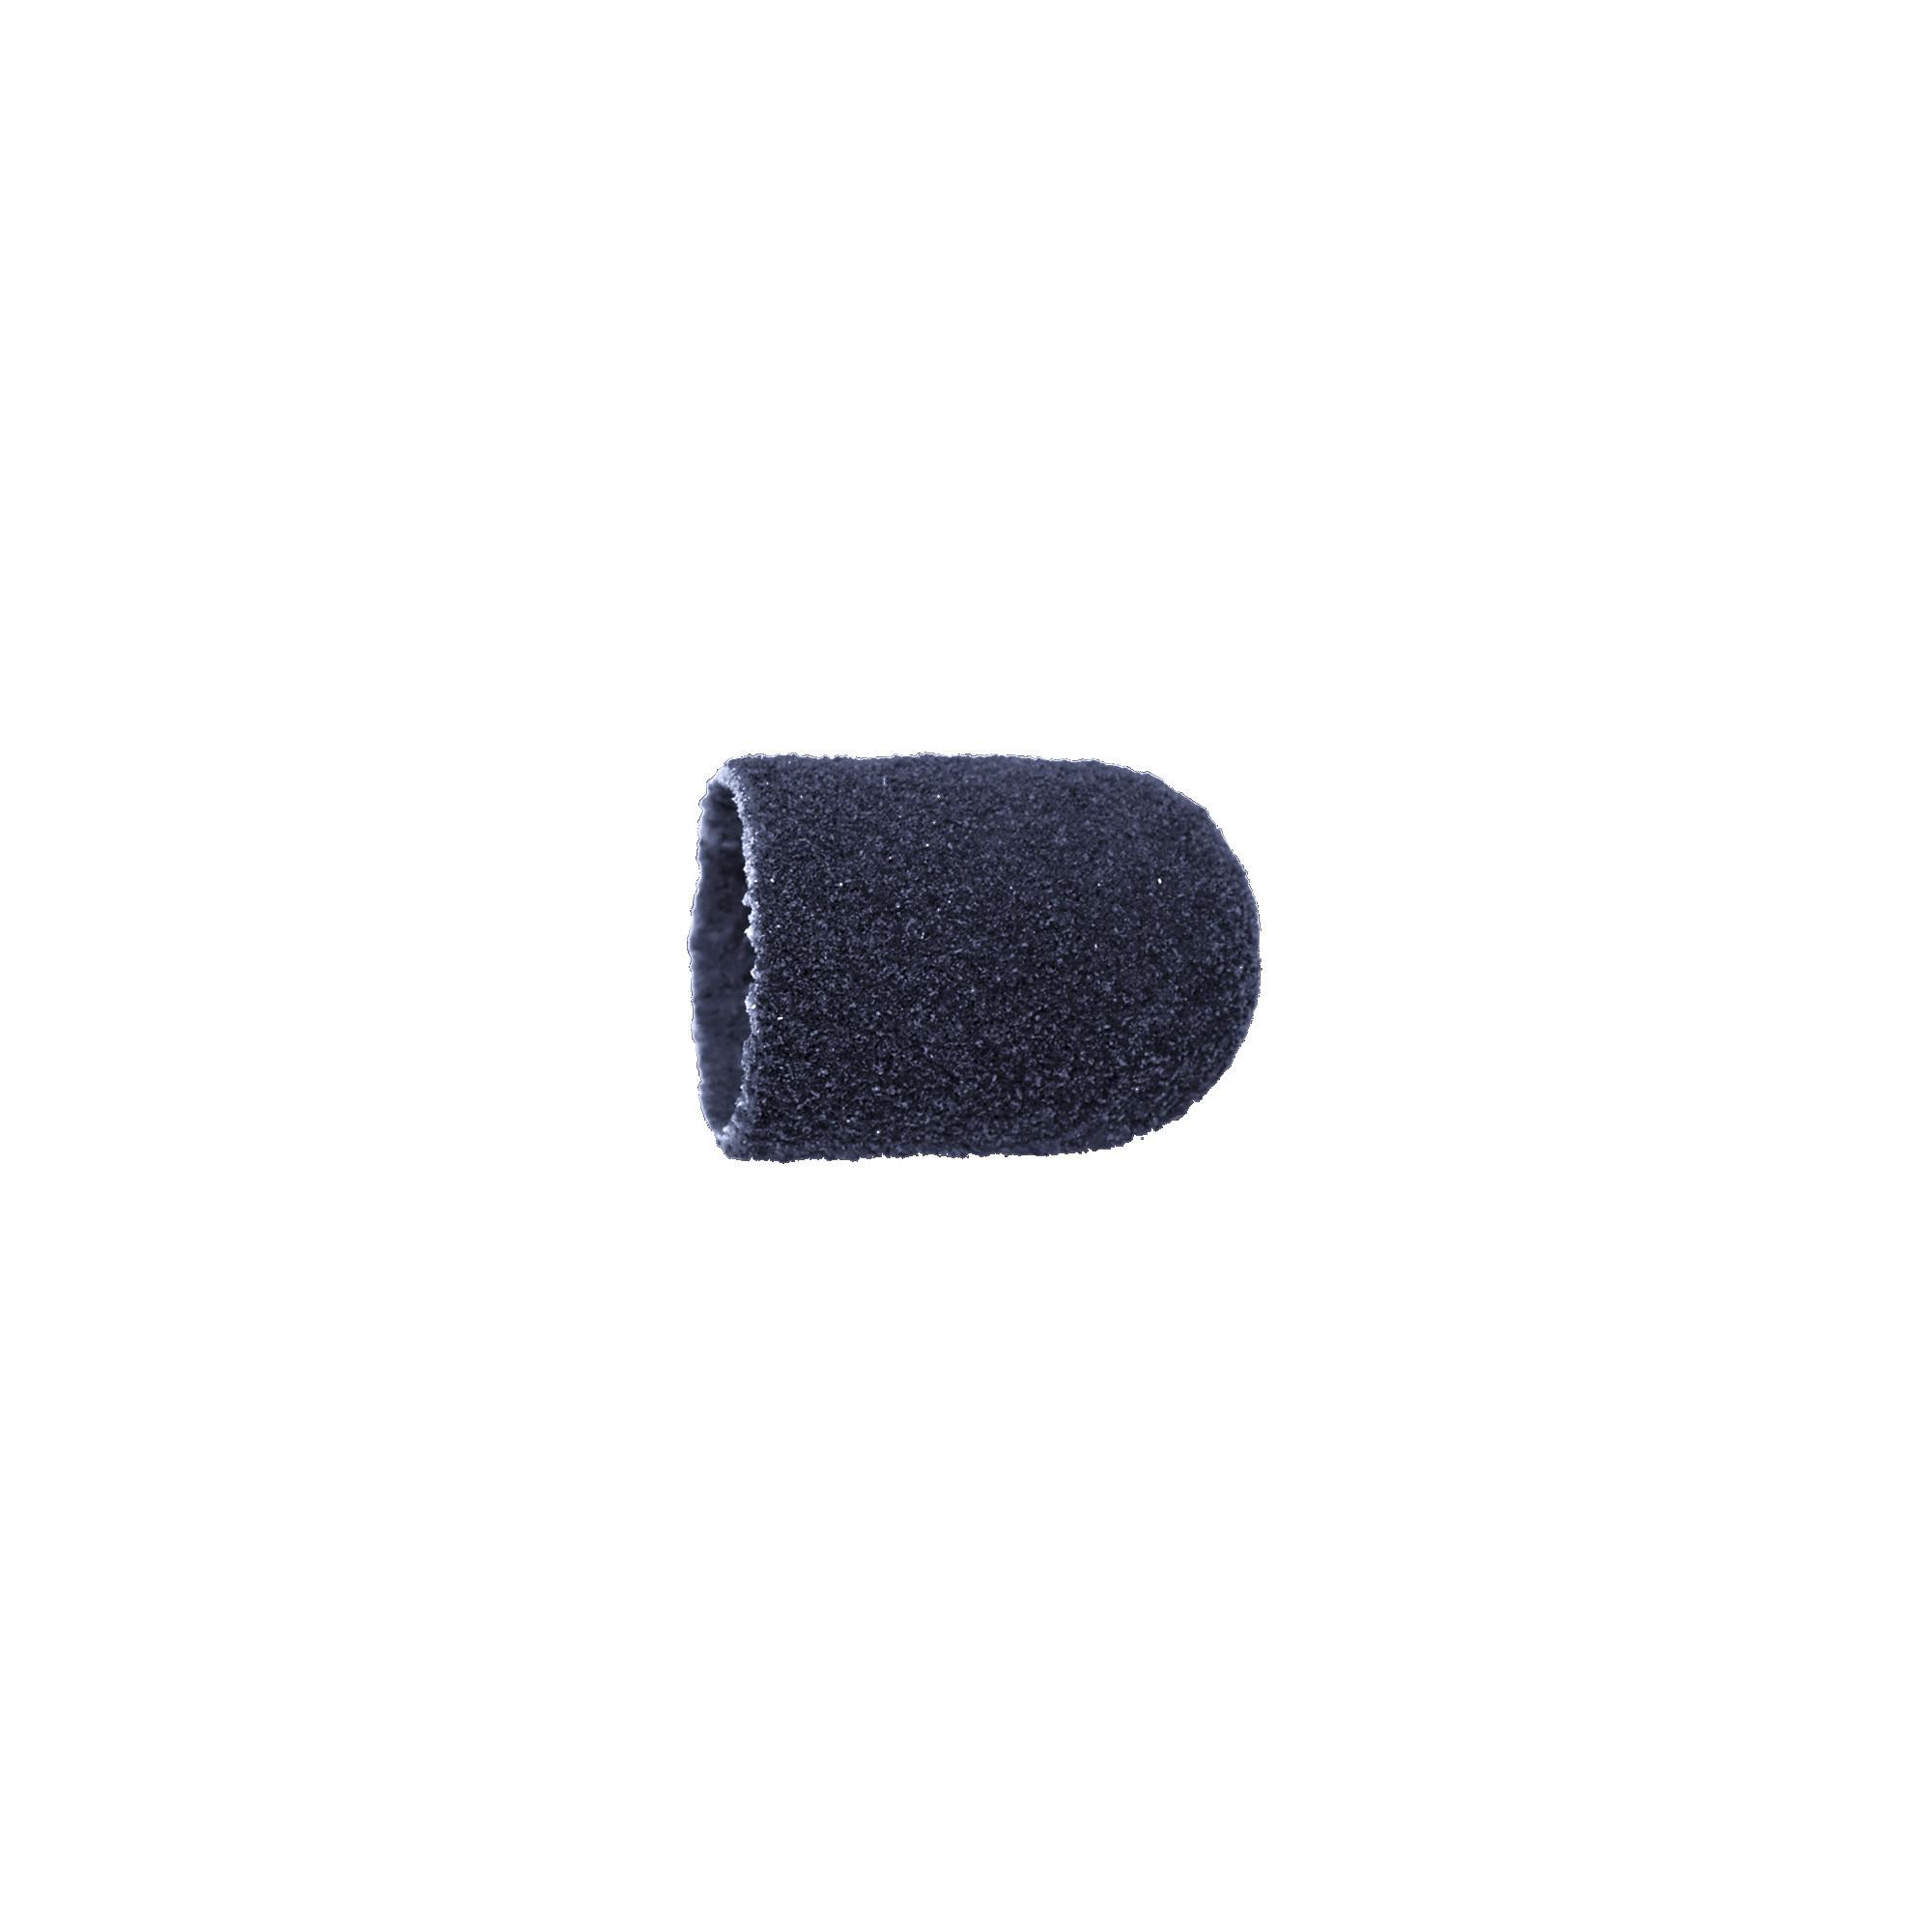 Capuchons abrasifs 0201 - Diamant - Grain moyen - Abrasion des cors, durillons et hyperkératoses - 7 mm